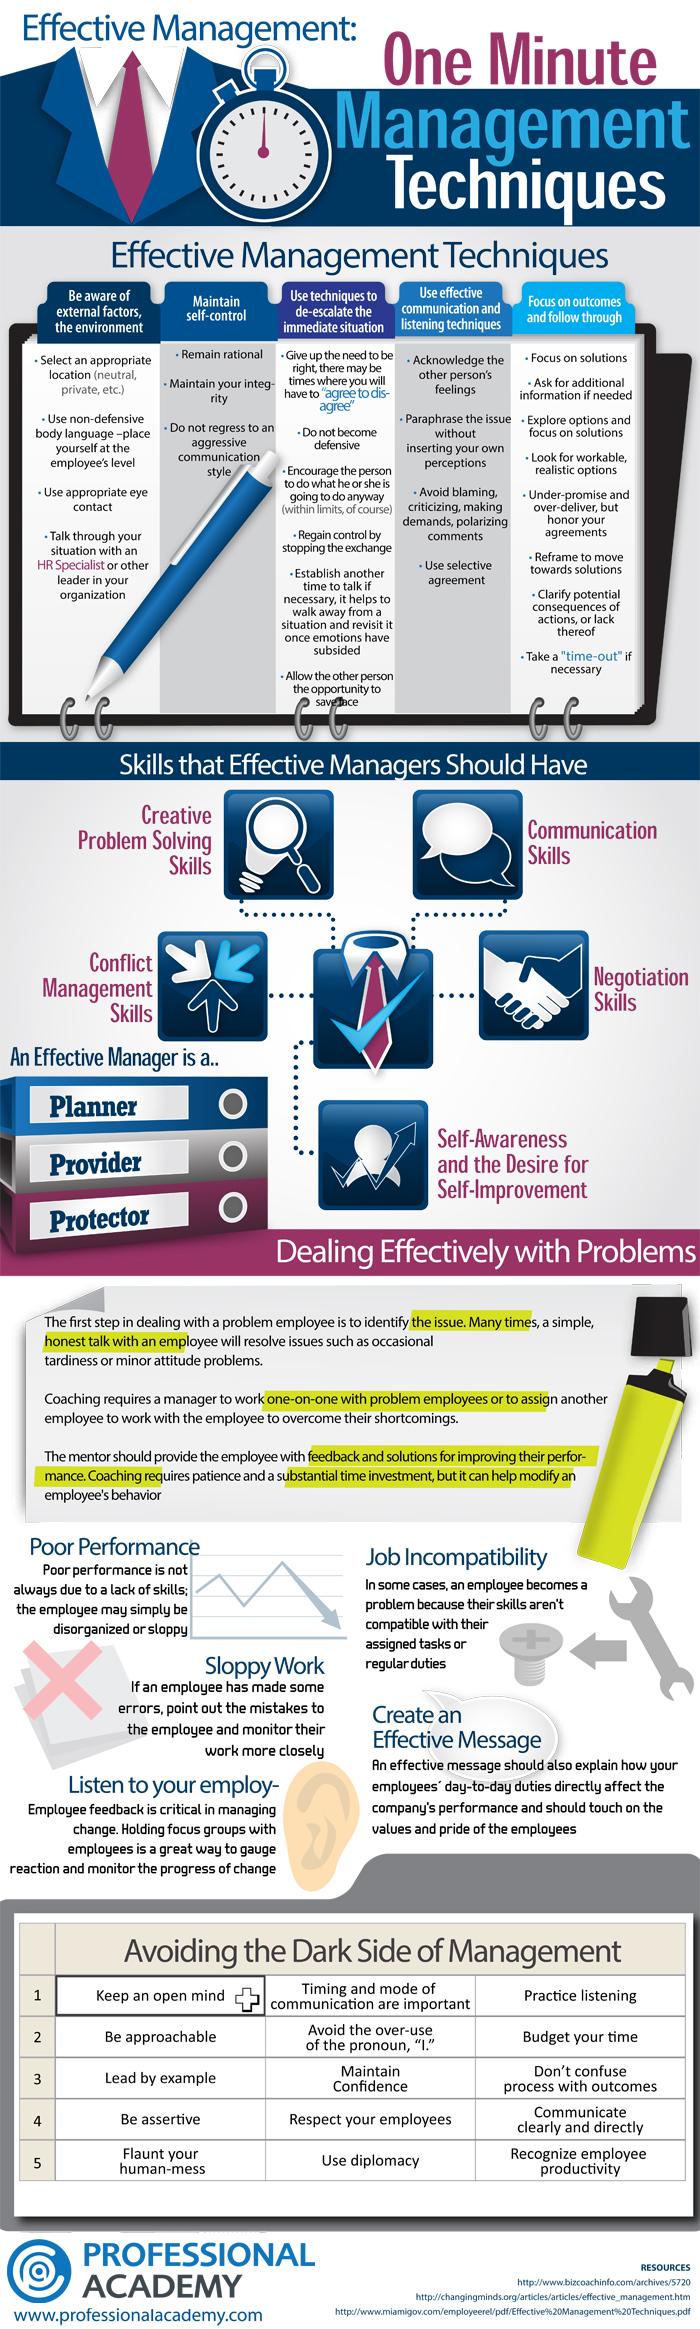 1 Minute Management techniques infographic